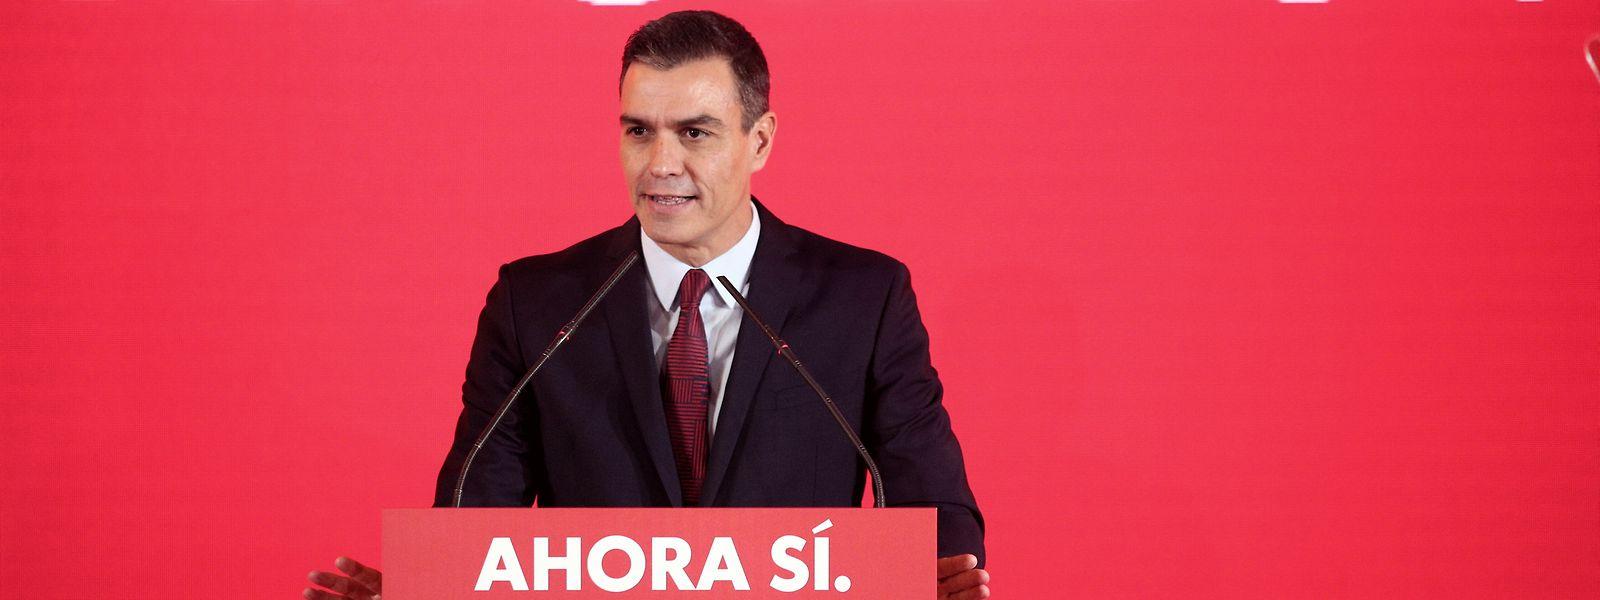 Vor vier Tagen wurde Ministerpräsident Pedro Sánchez vereidigt. Nun präsentierte er sein Kabinett.